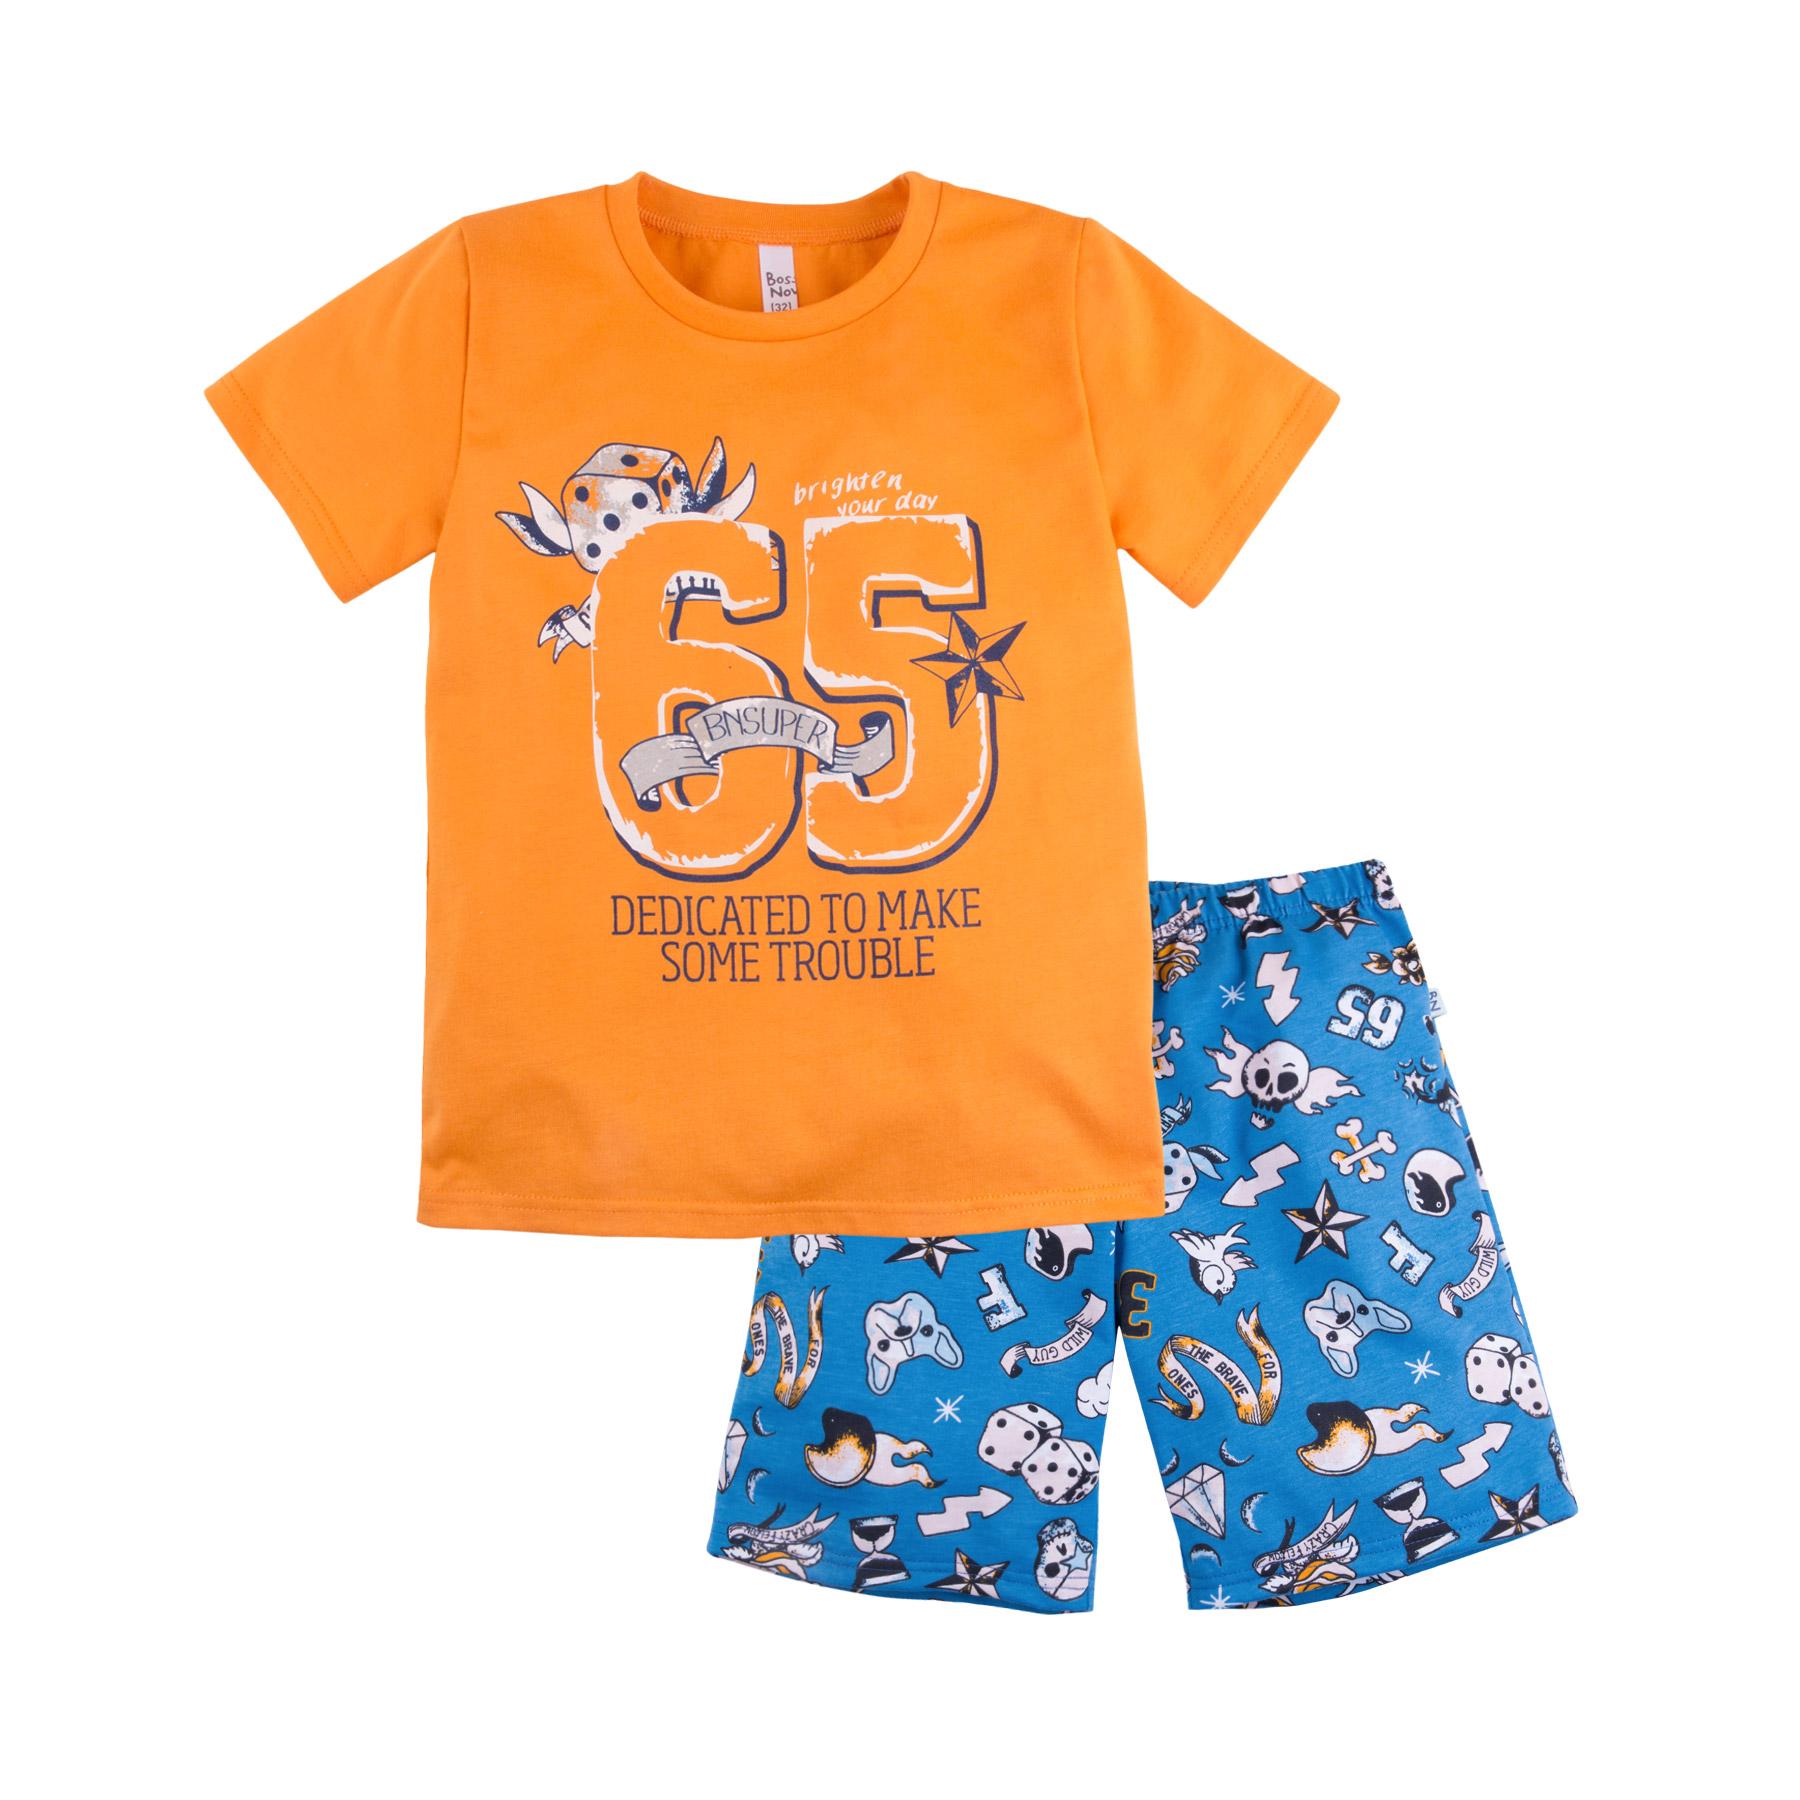 Купить Пижама Bossa Nova Тату для мальчика: футболка и шорты, оранжевая, Журавлик, Россия, Оранжевый, 86